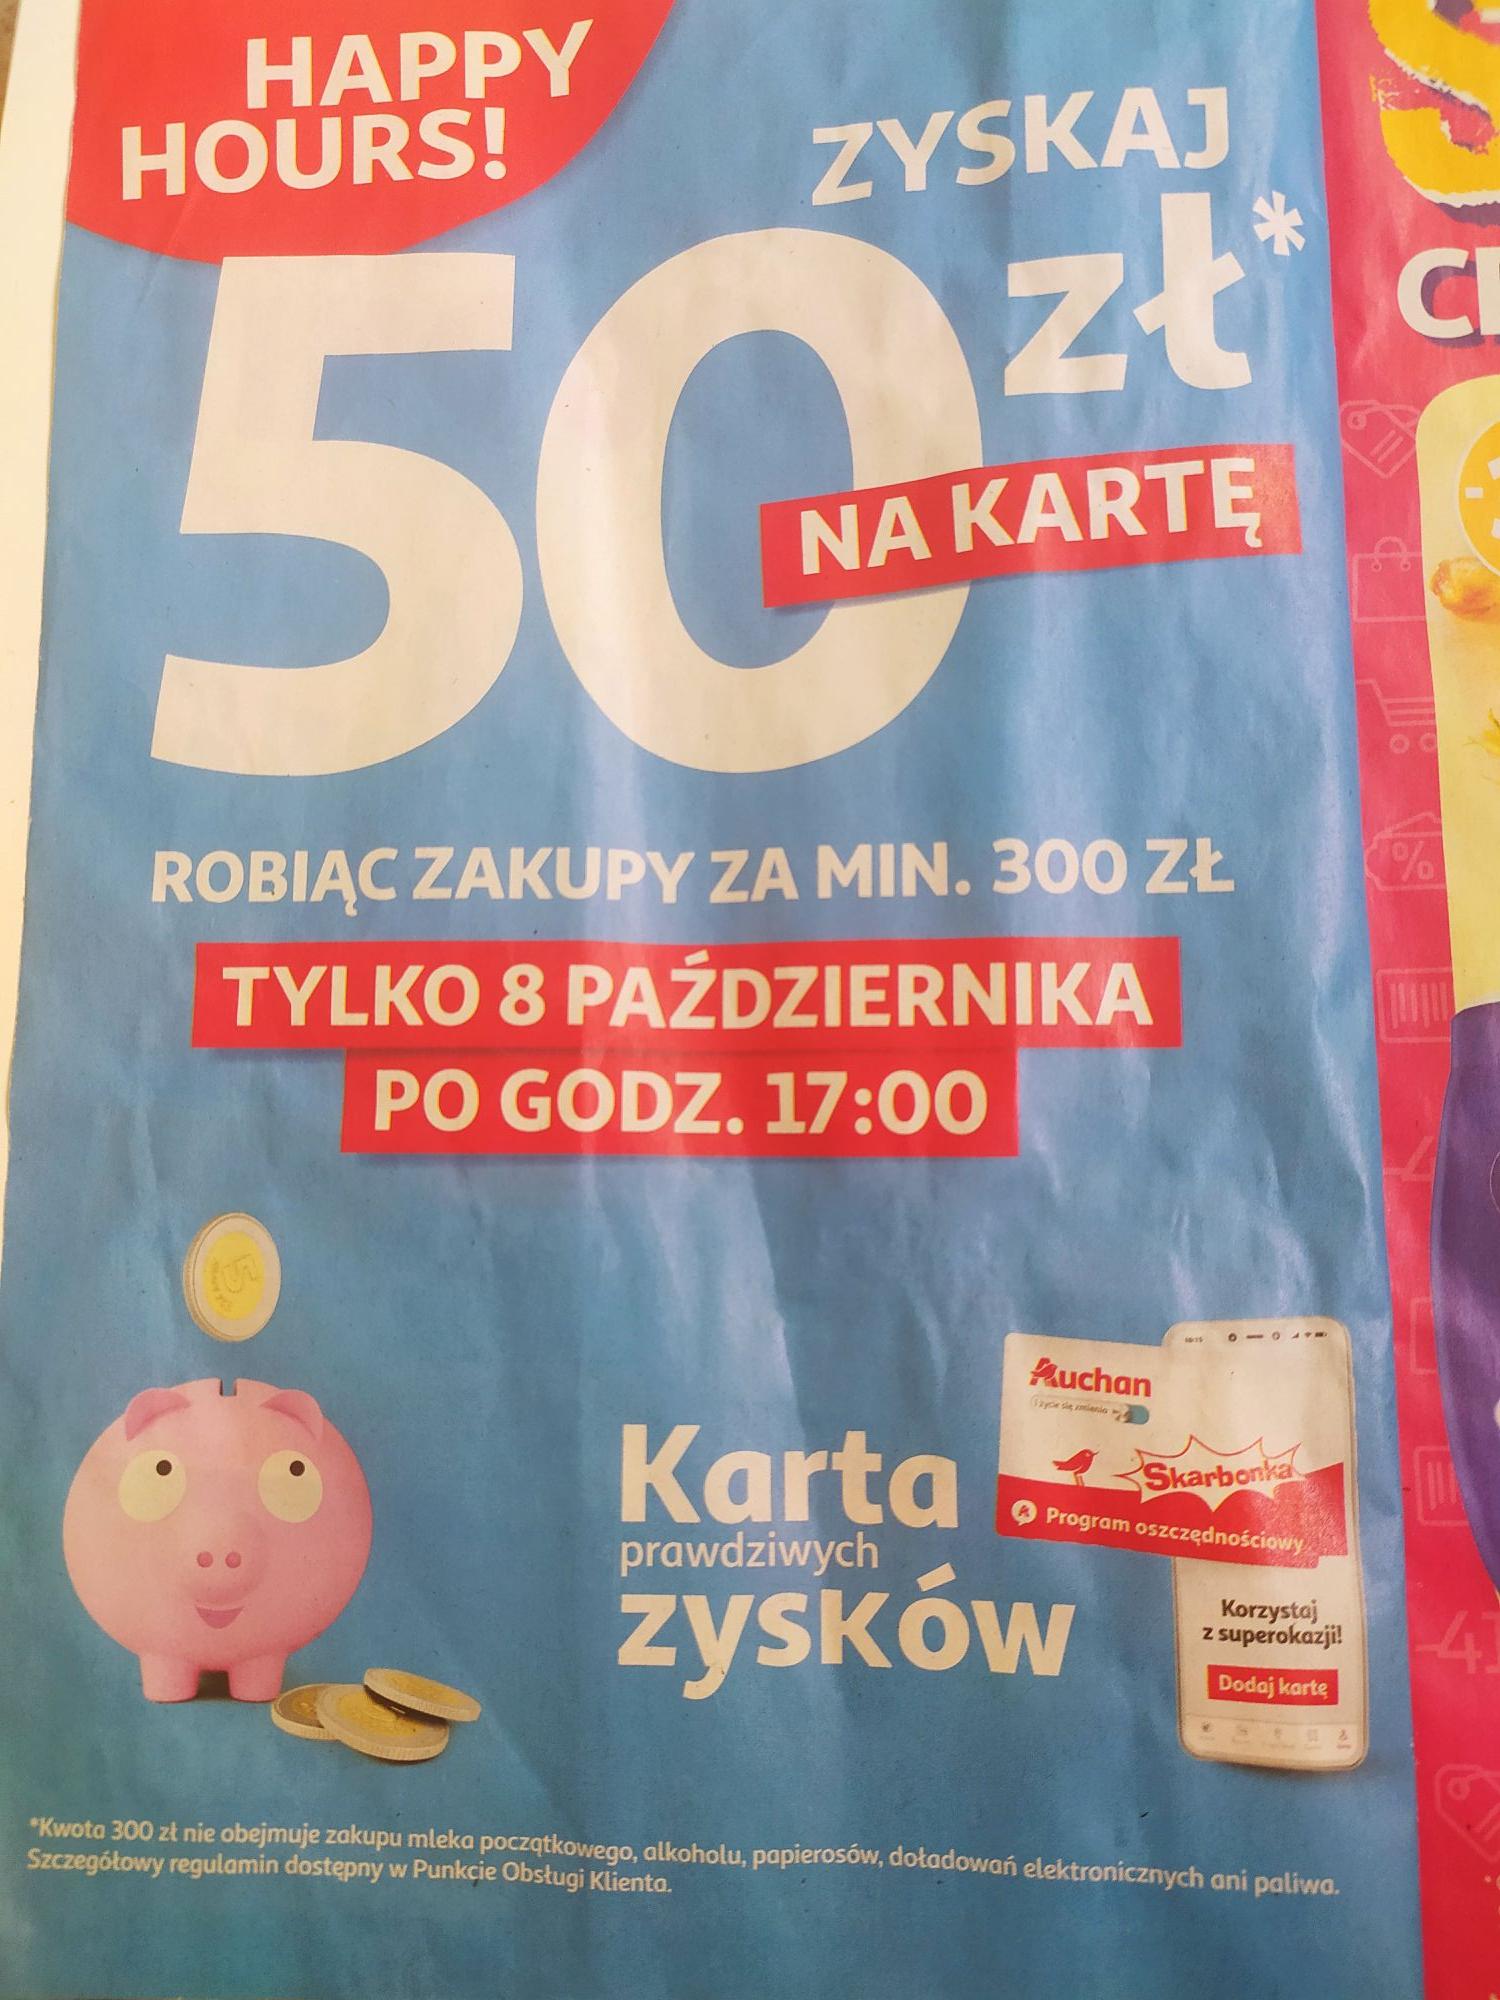 Zwrot 50zł na kartę Skarbonka za MNW 300zł w Auchan